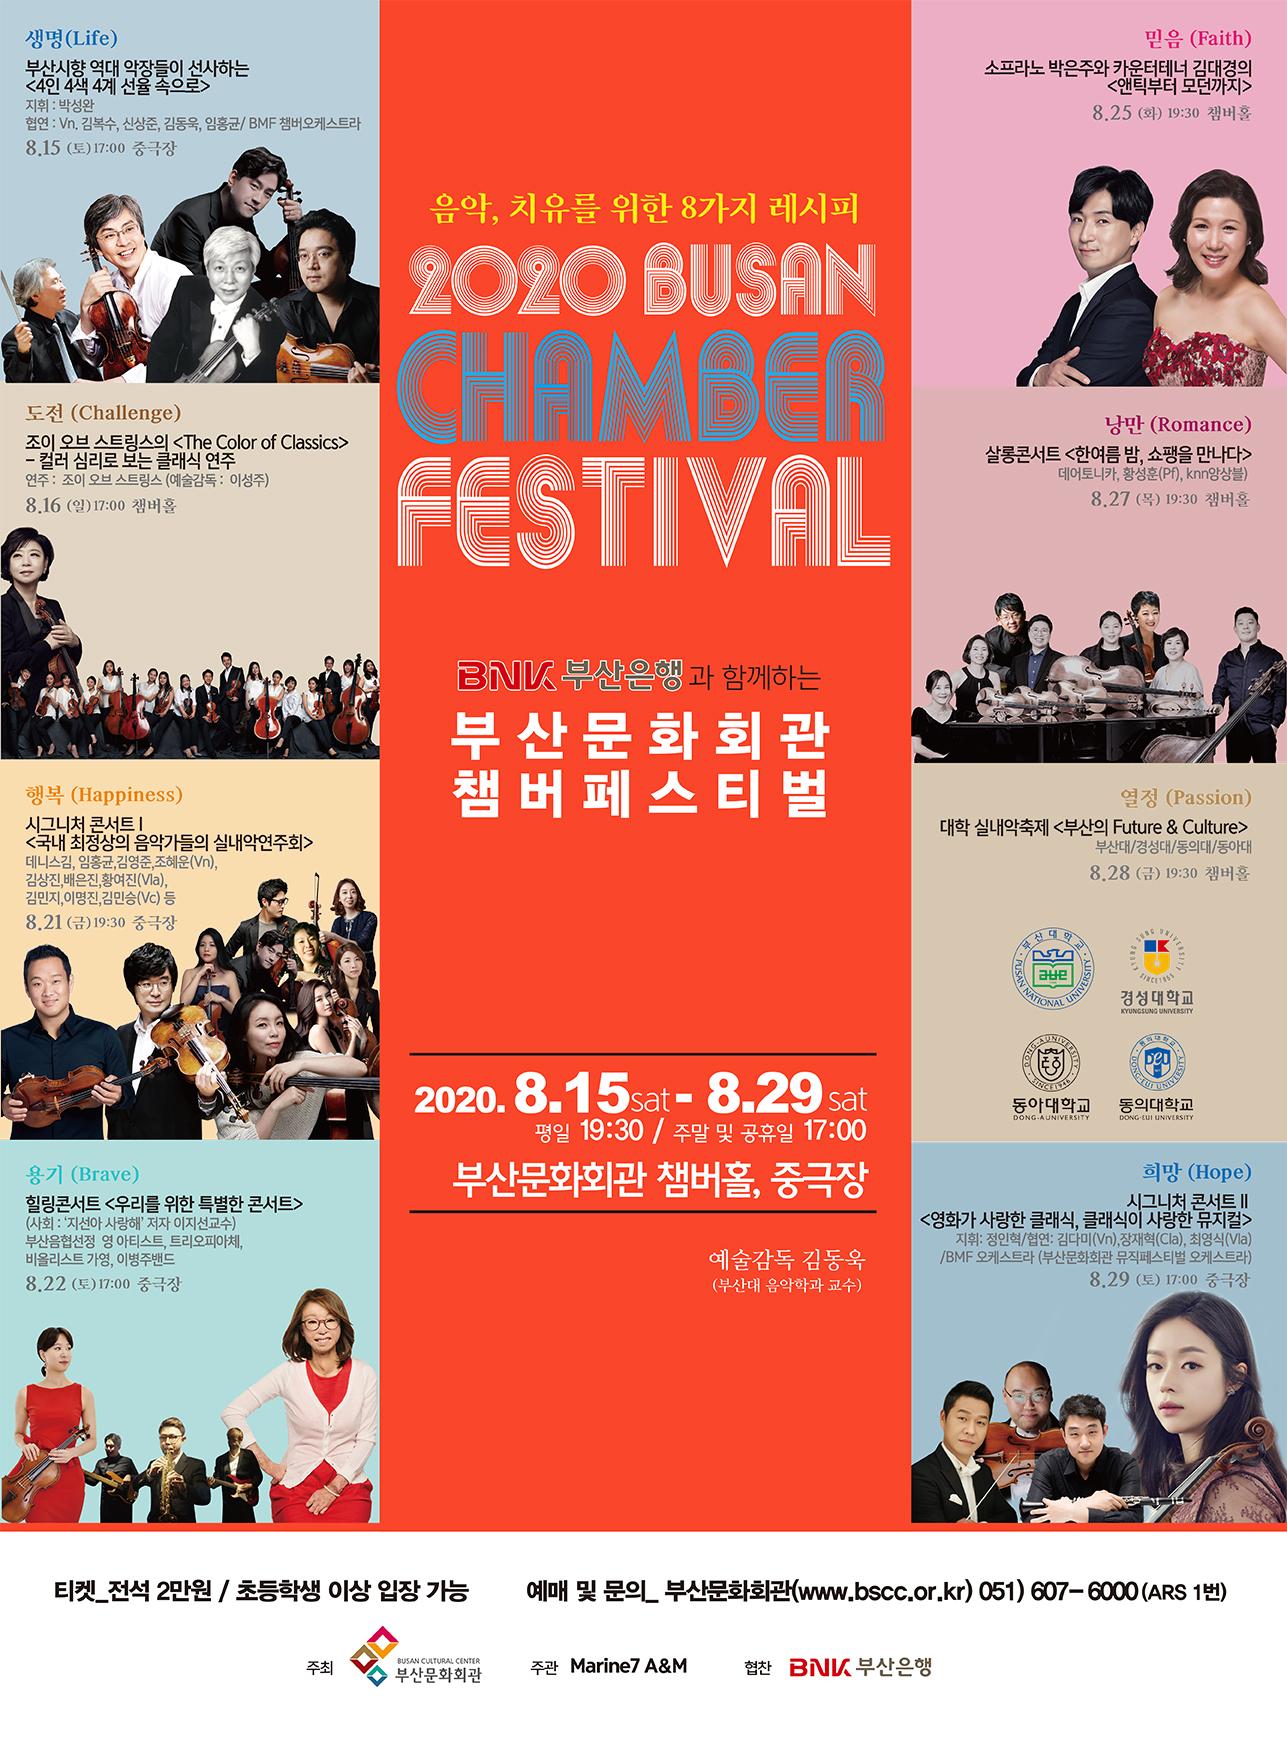 <2020 부산문화회관 챔버페스티벌>'힐링콘서트-우리를 위한 특별한 콘서트'